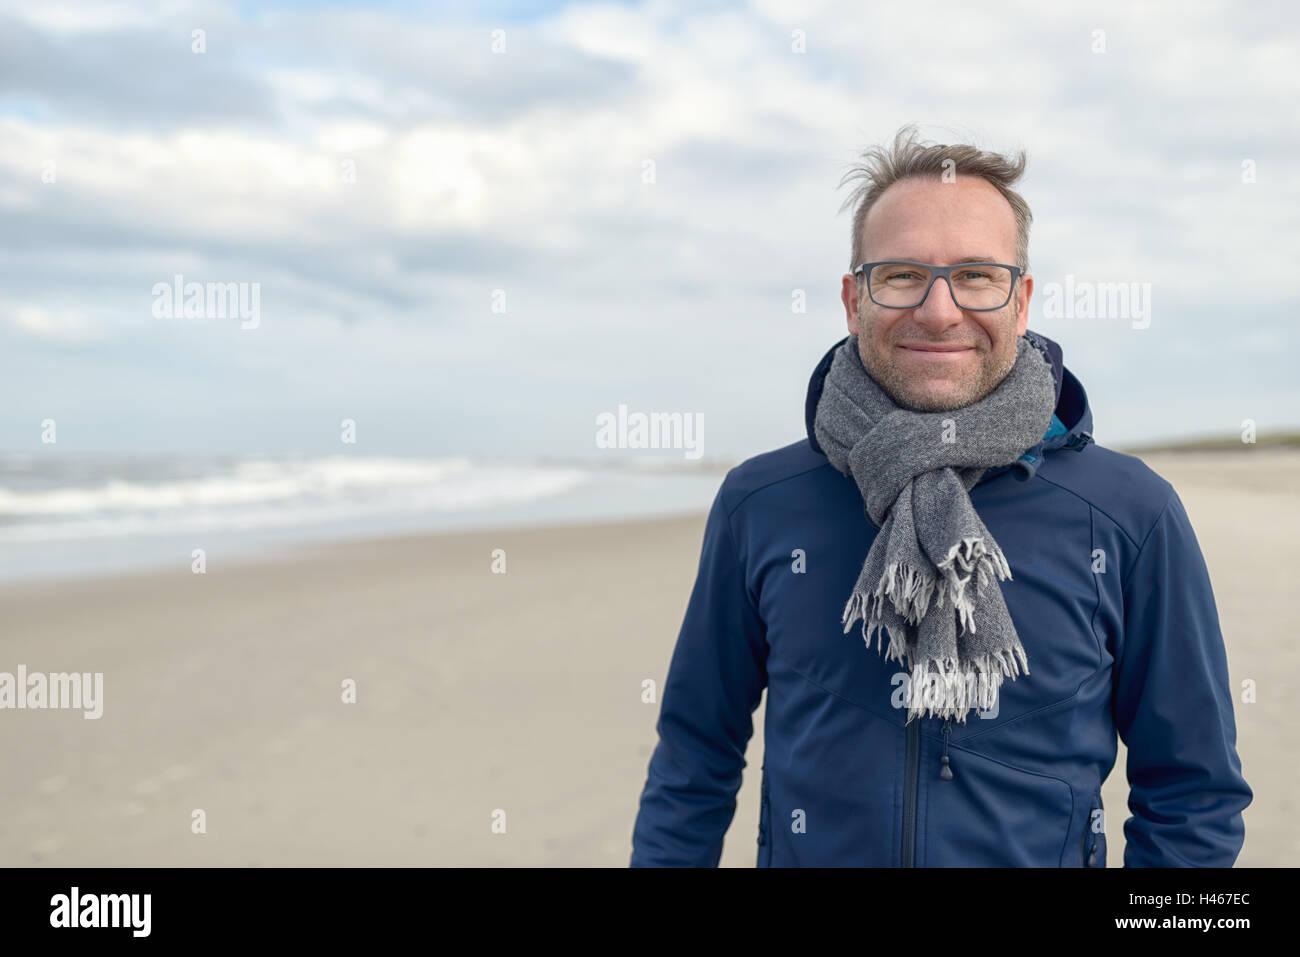 Smiling middle-aged man portant des lunettes et une écharpe en laine tricoté debout sur une plage déserte de l'automne Banque D'Images